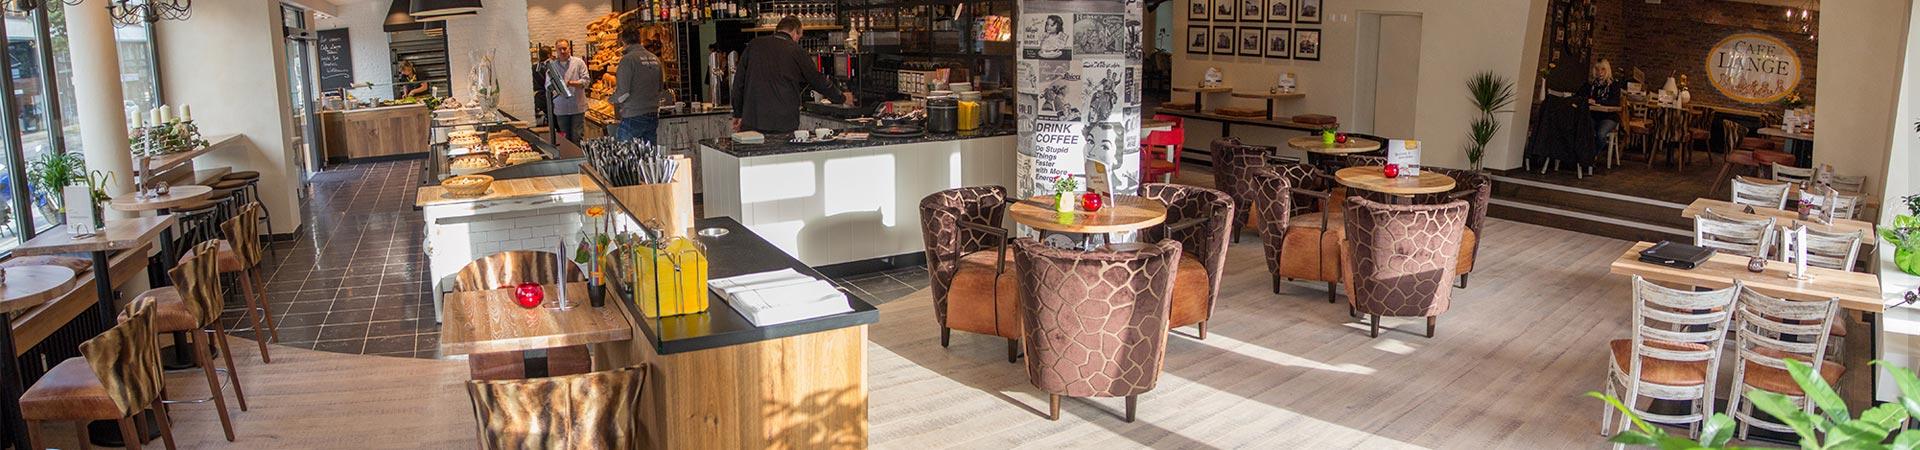 Cafe Lange Kassel